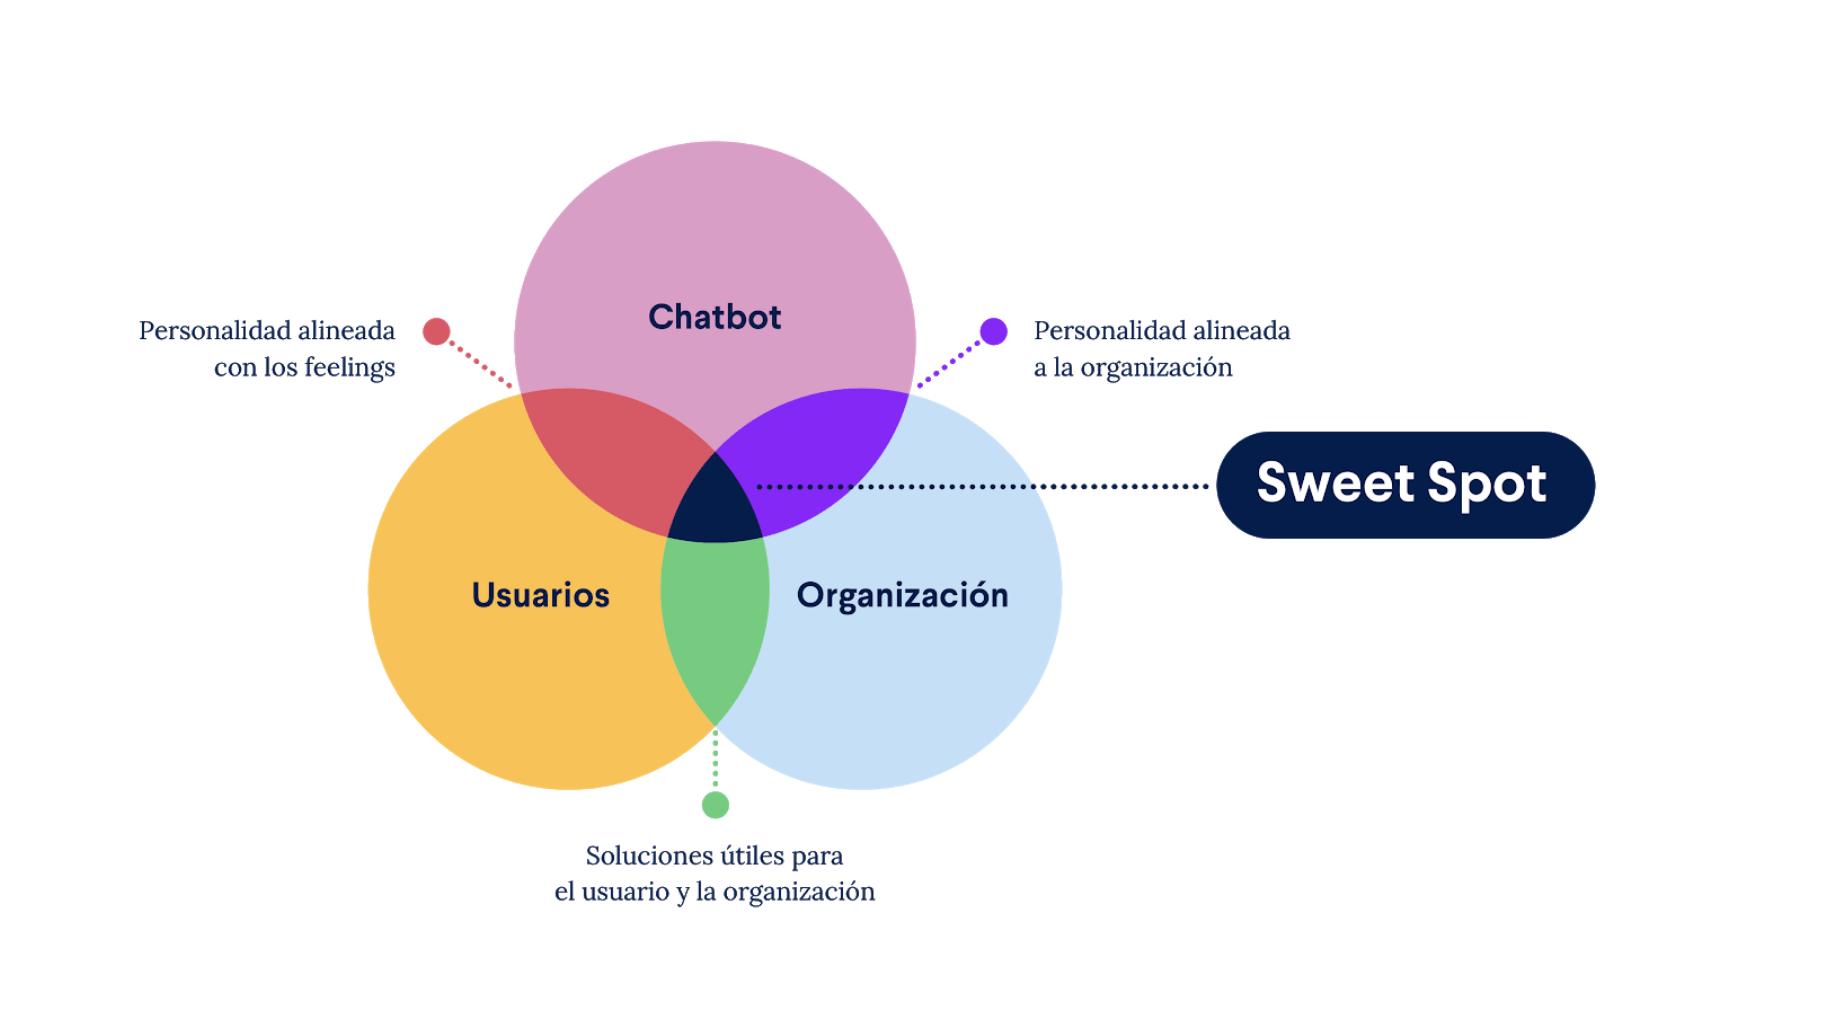 Gráfico que ilustra los 3 componentes de la estrategia conversacional: Chatbot, Usuarios y Organización